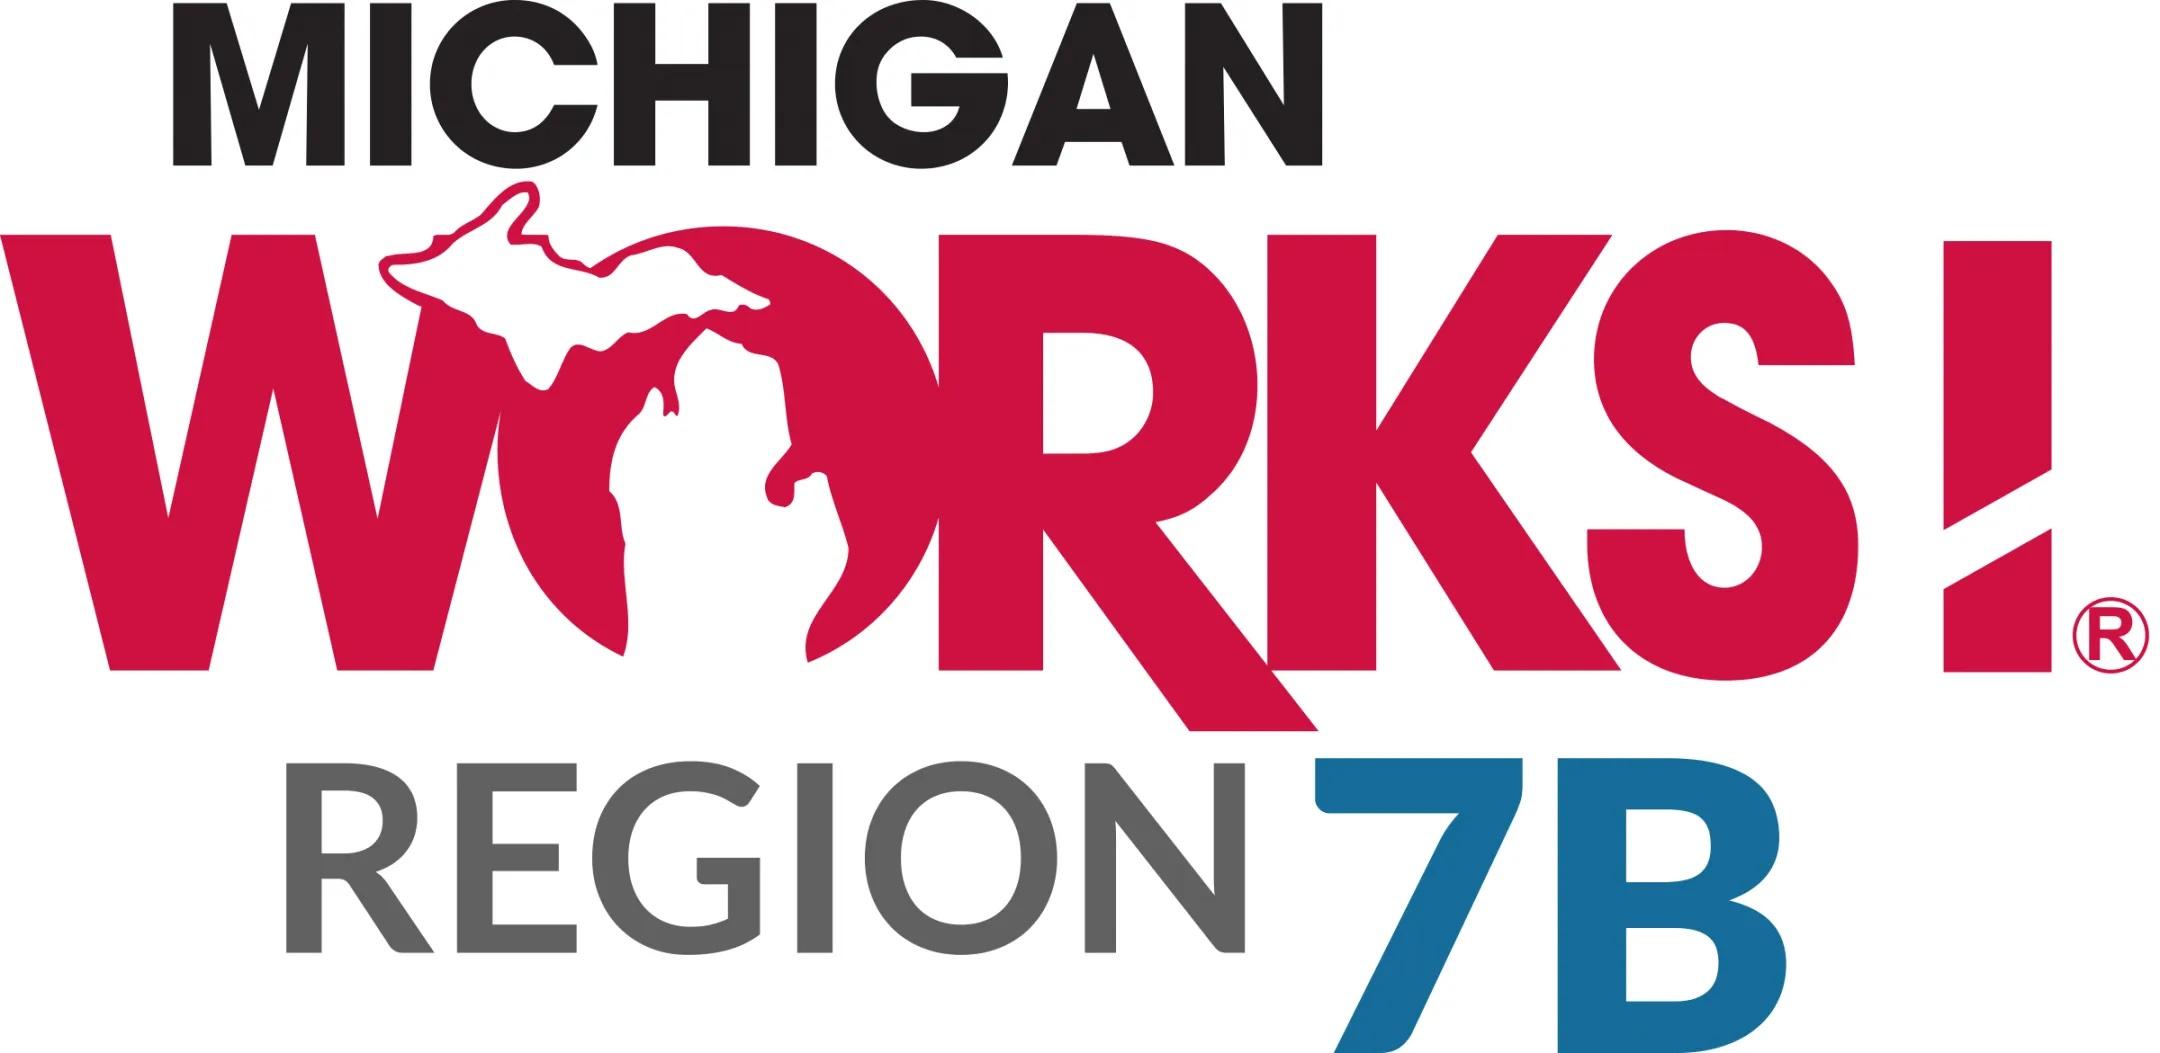 michigan works region 7b